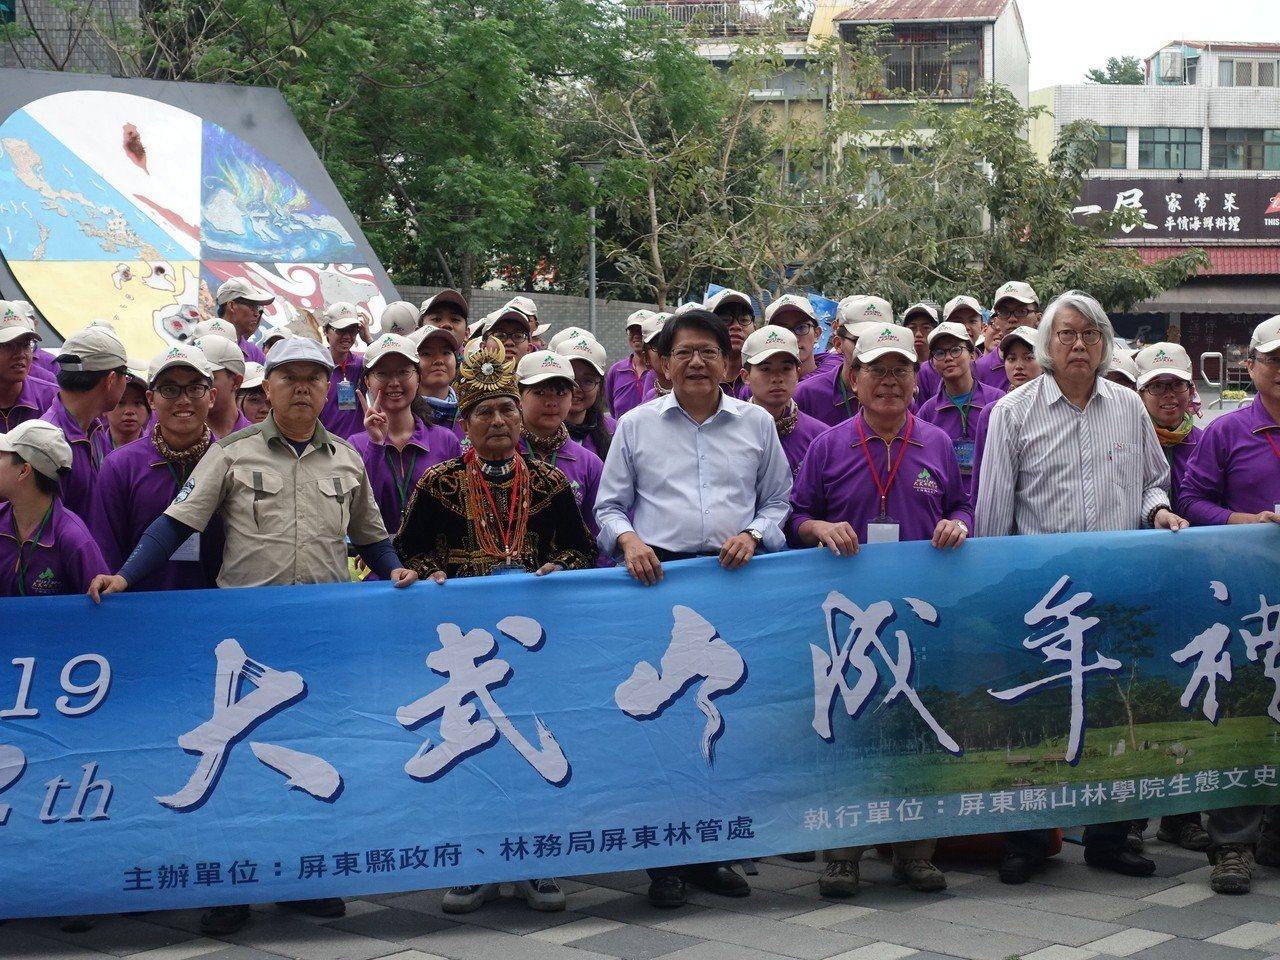 屏東縣大武山成年禮已連辦22屆,今年有64位學員完成挑戰。記者翁禎霞/攝影